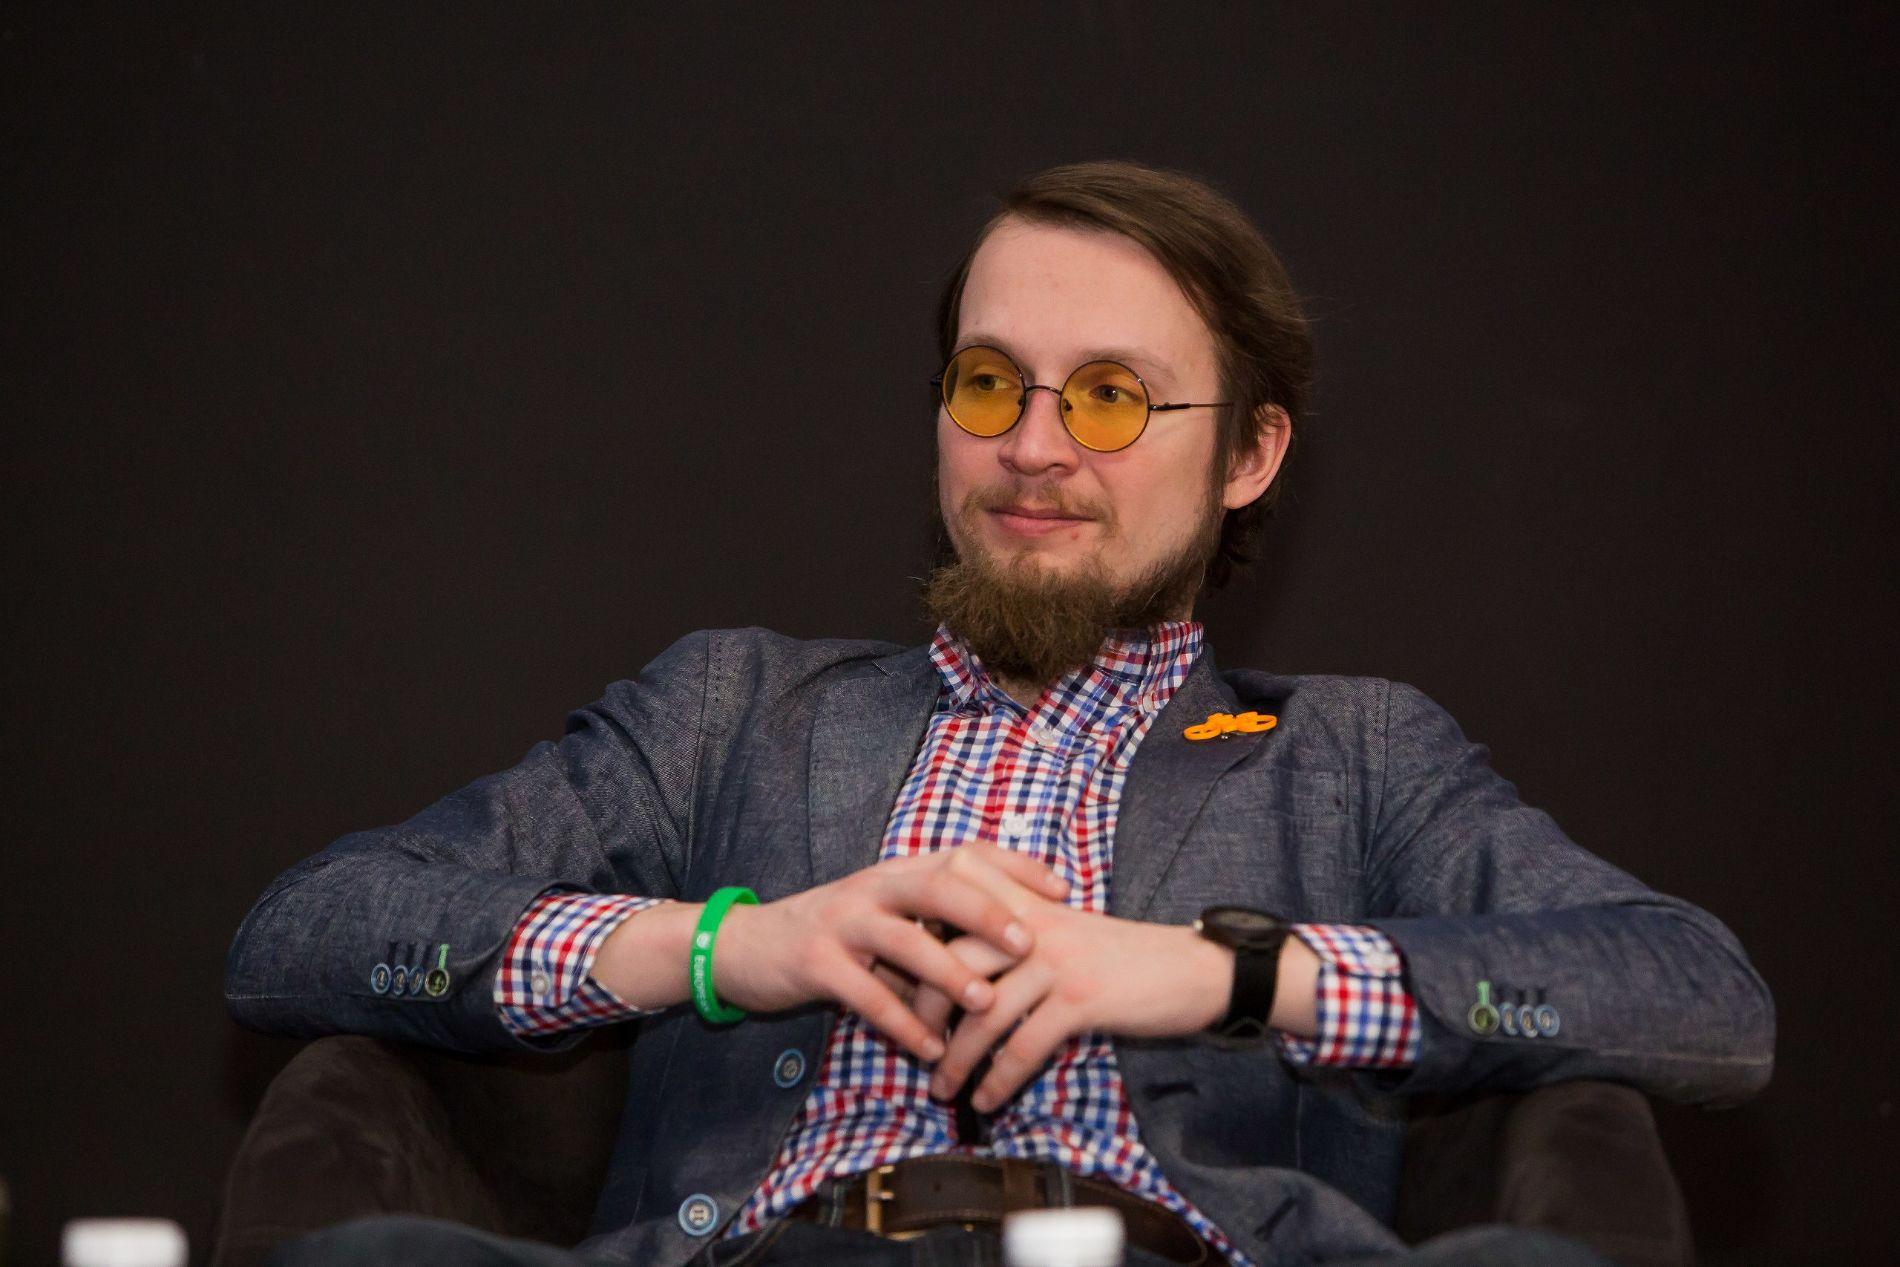 Петр Иванов ©Фото из аккаунта Петра Иванова во «ВКонтакте»